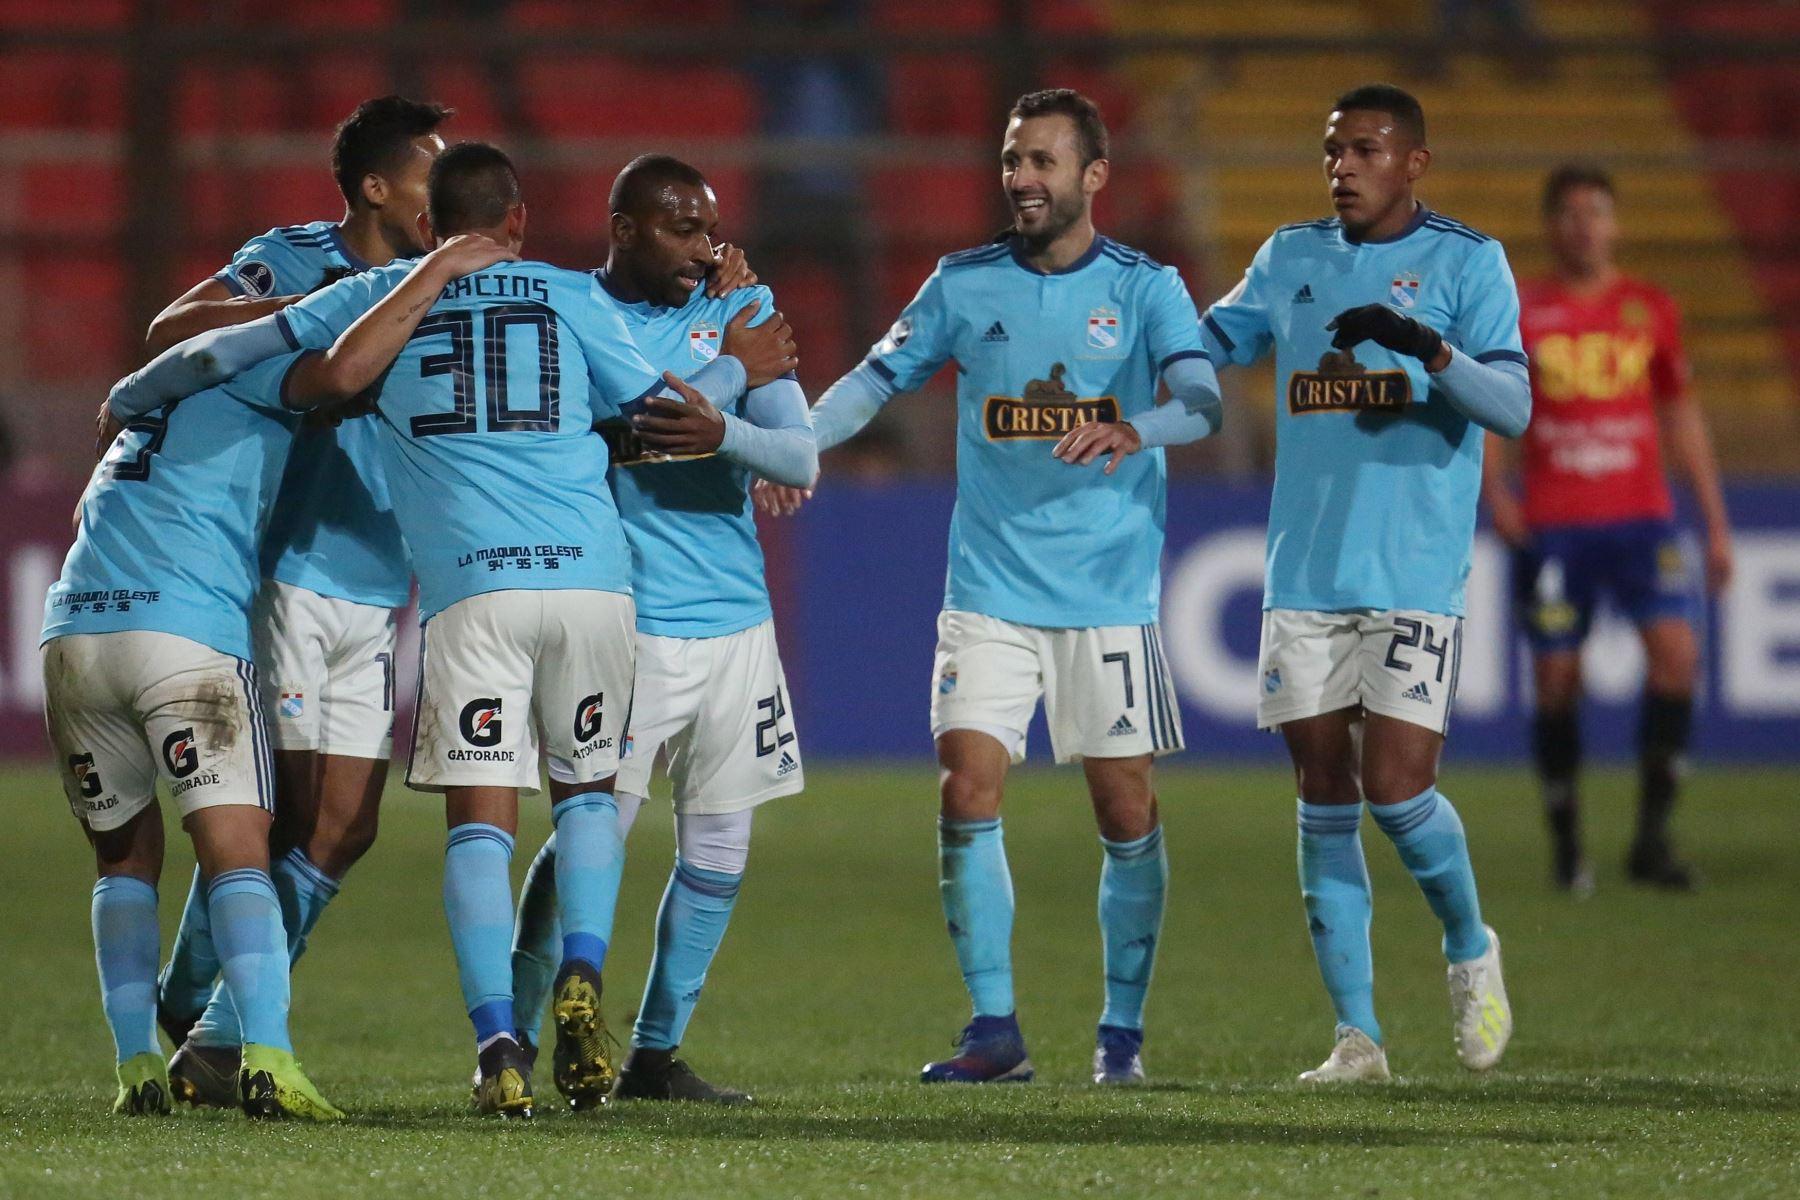 Jugadores de Sporting Cristal festejan tras vencer a Unión Española durante un partido de fútbol de la Copa Sudamericana 2019. Foto.EFE